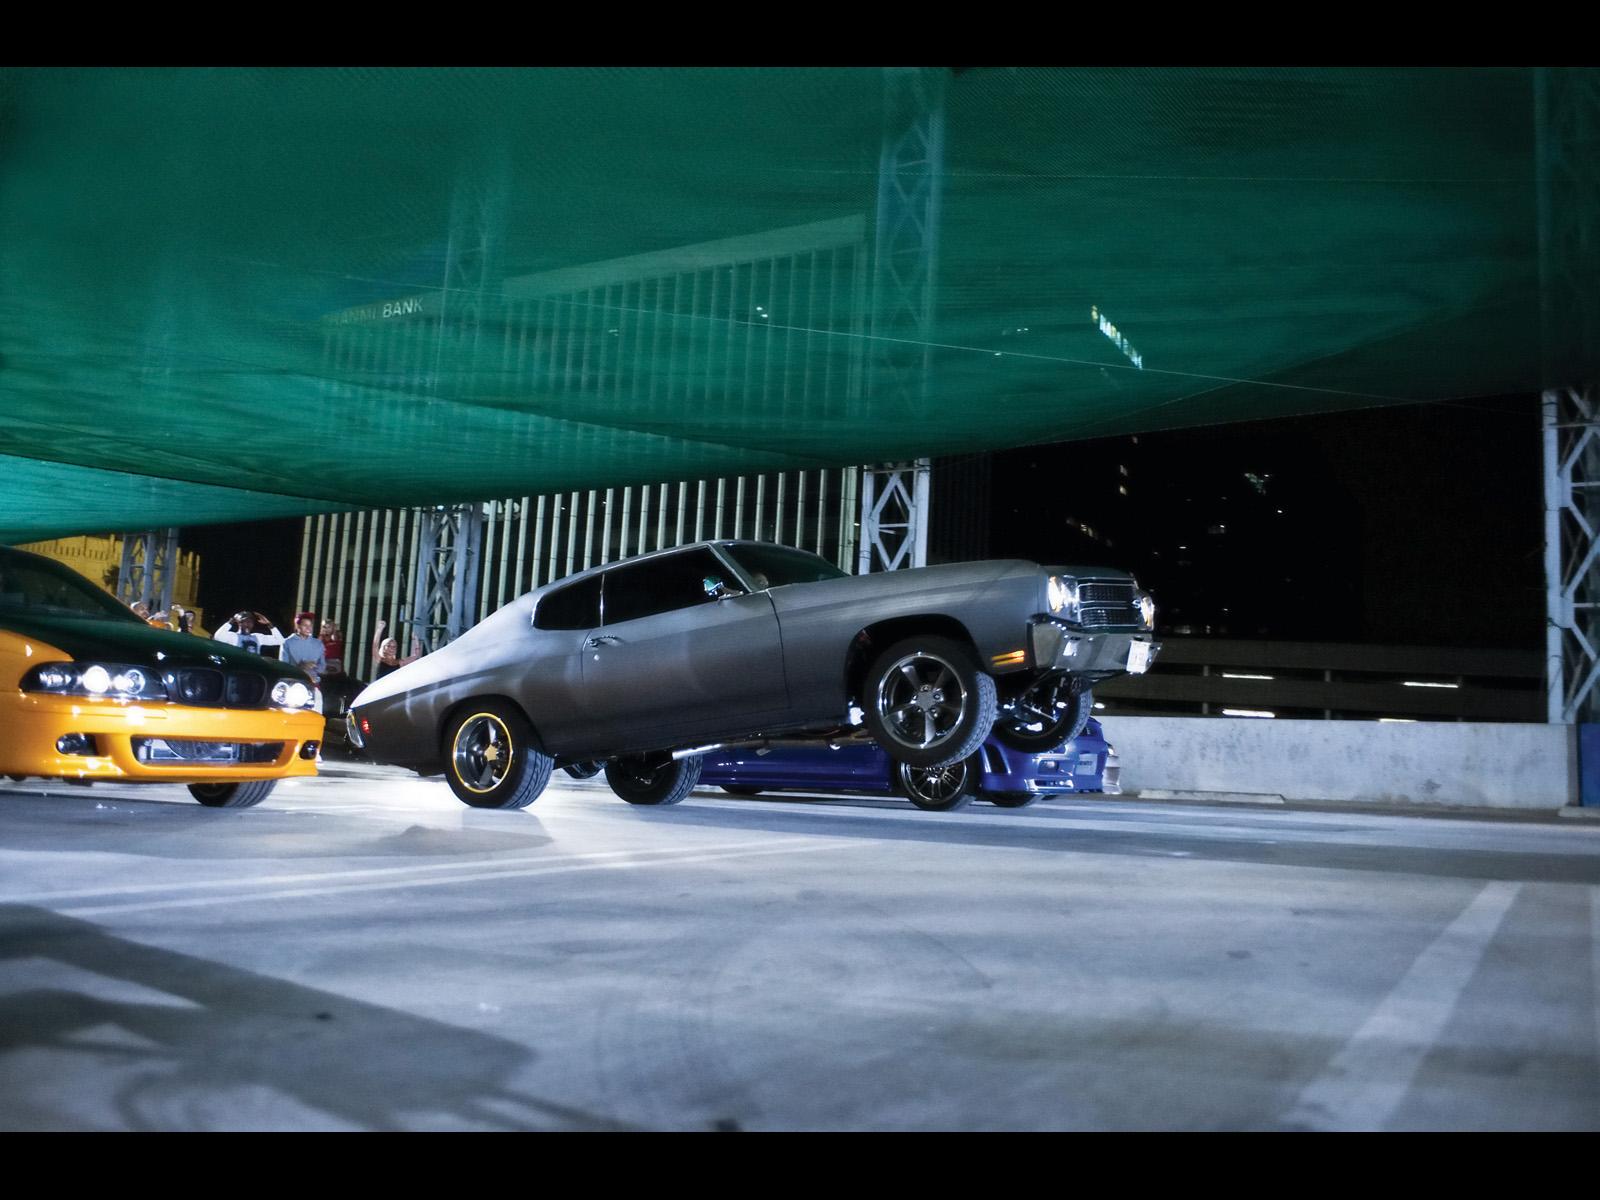 Fast Furious Movie Cars   Chevelle Wheelie   1600x1200   Wallpaper 1600x1200